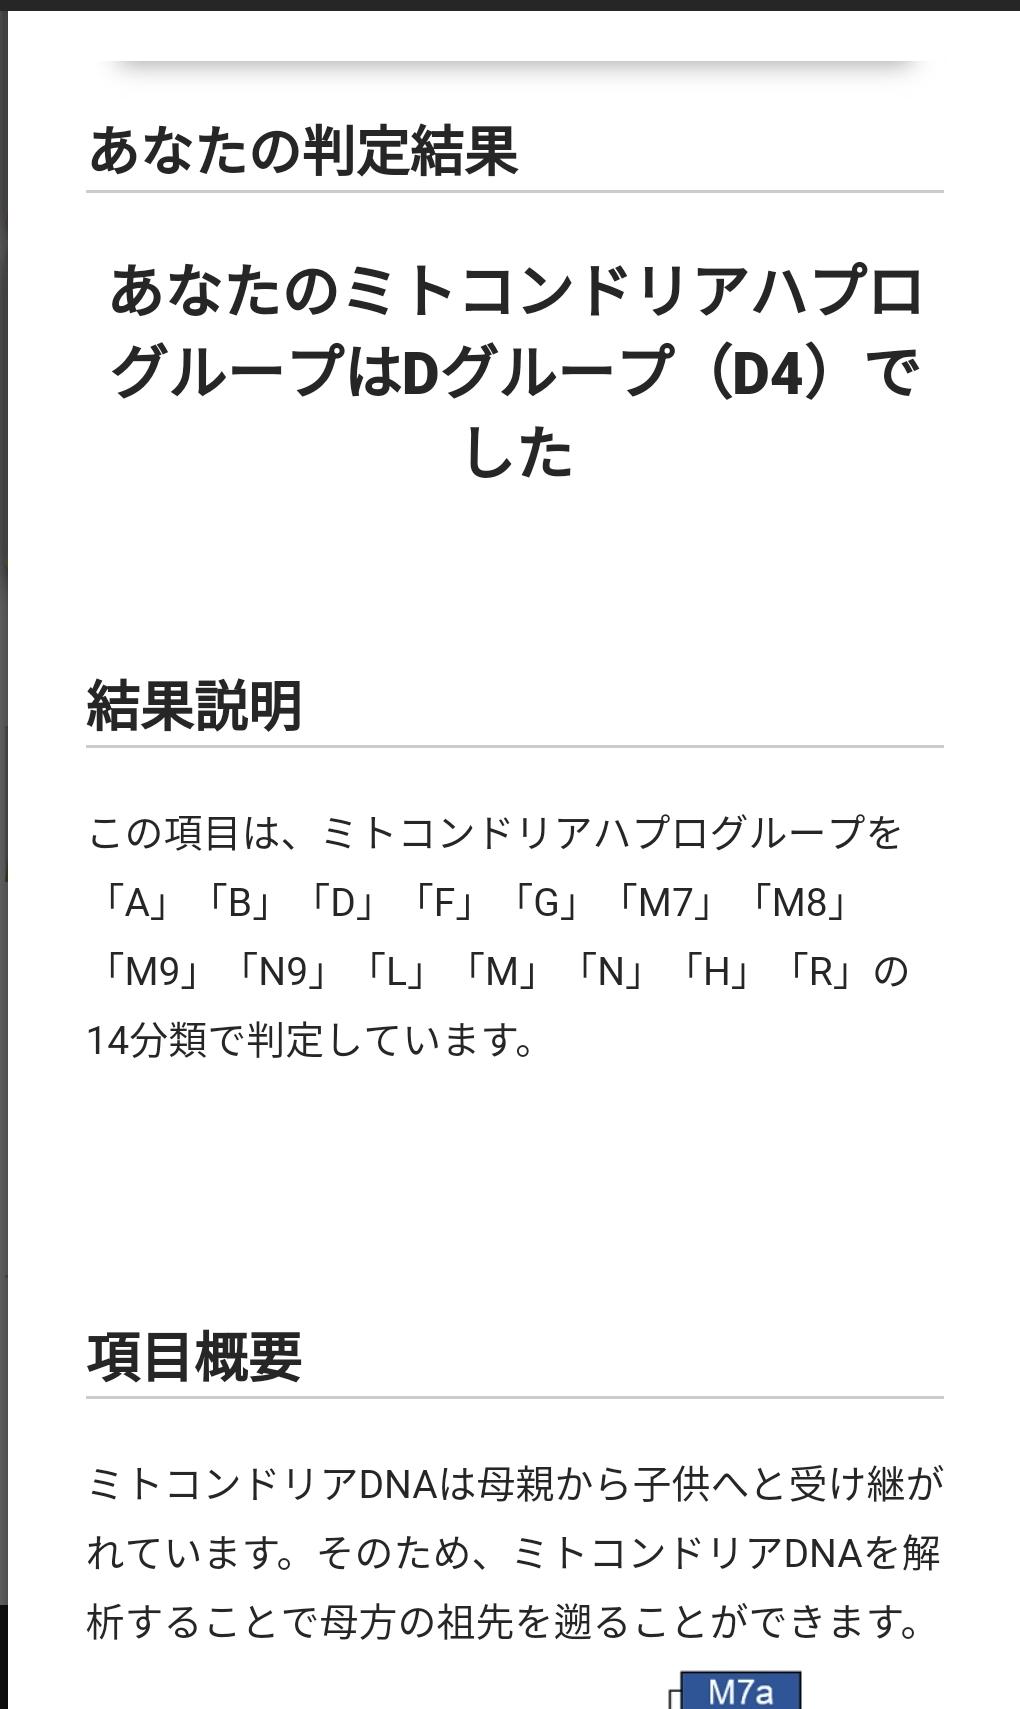 「ハプロ ミトコンドリア 結果」の画像検索結果